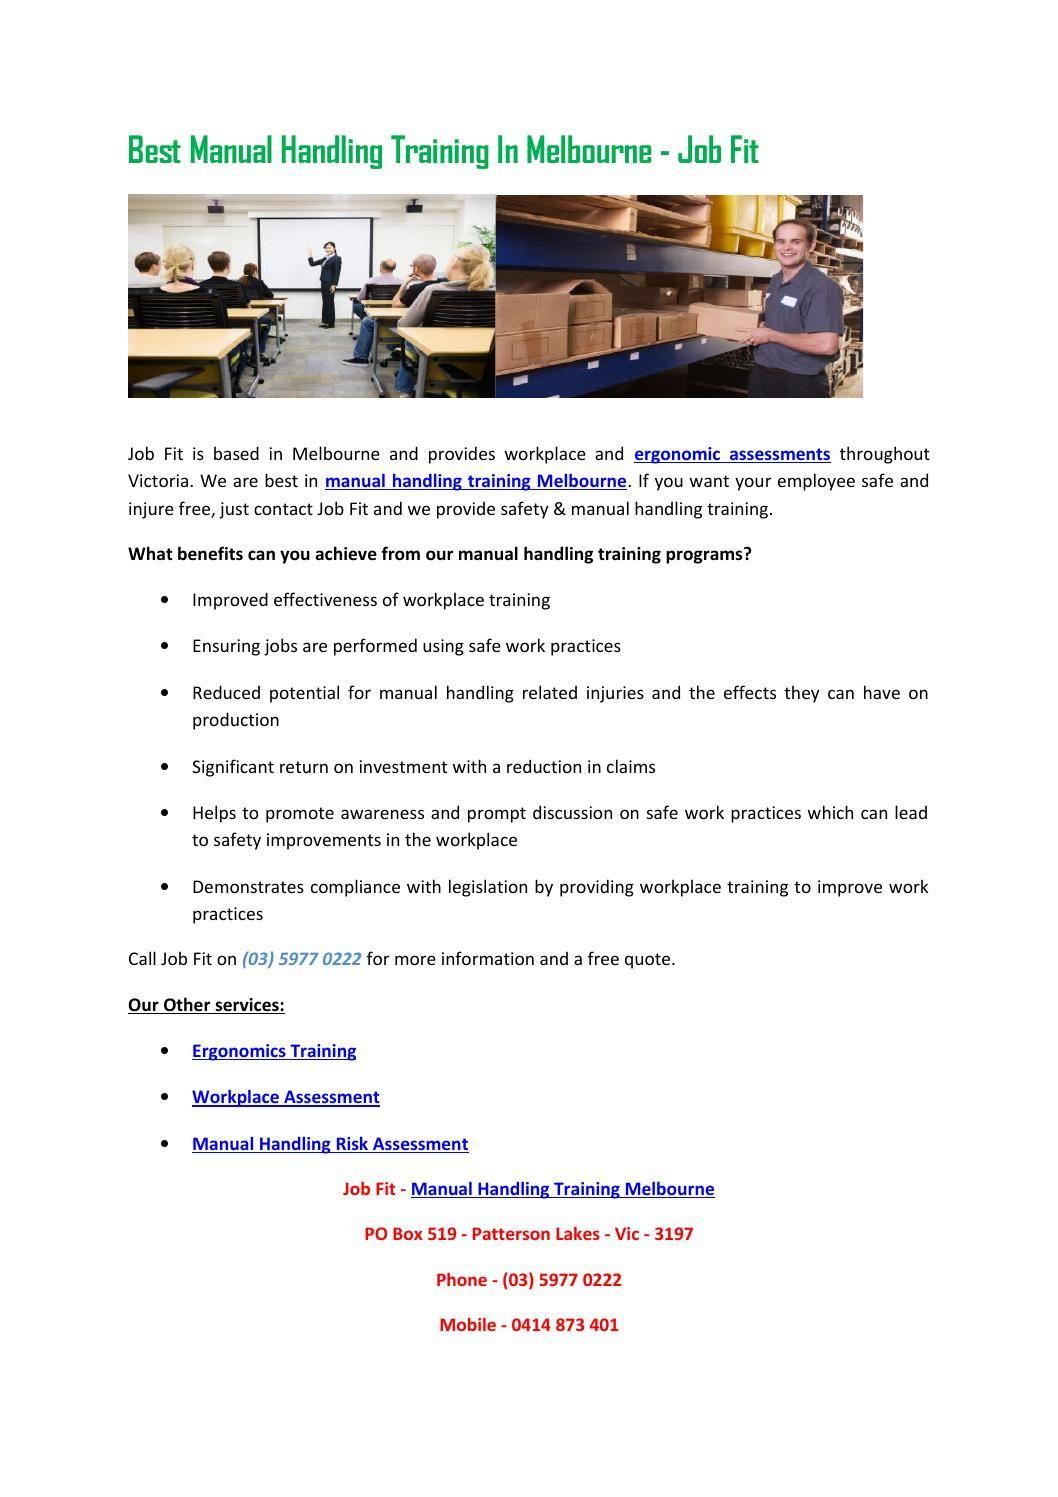 Best Manual Handling Training In Melbourne Job Fit  Melbourne